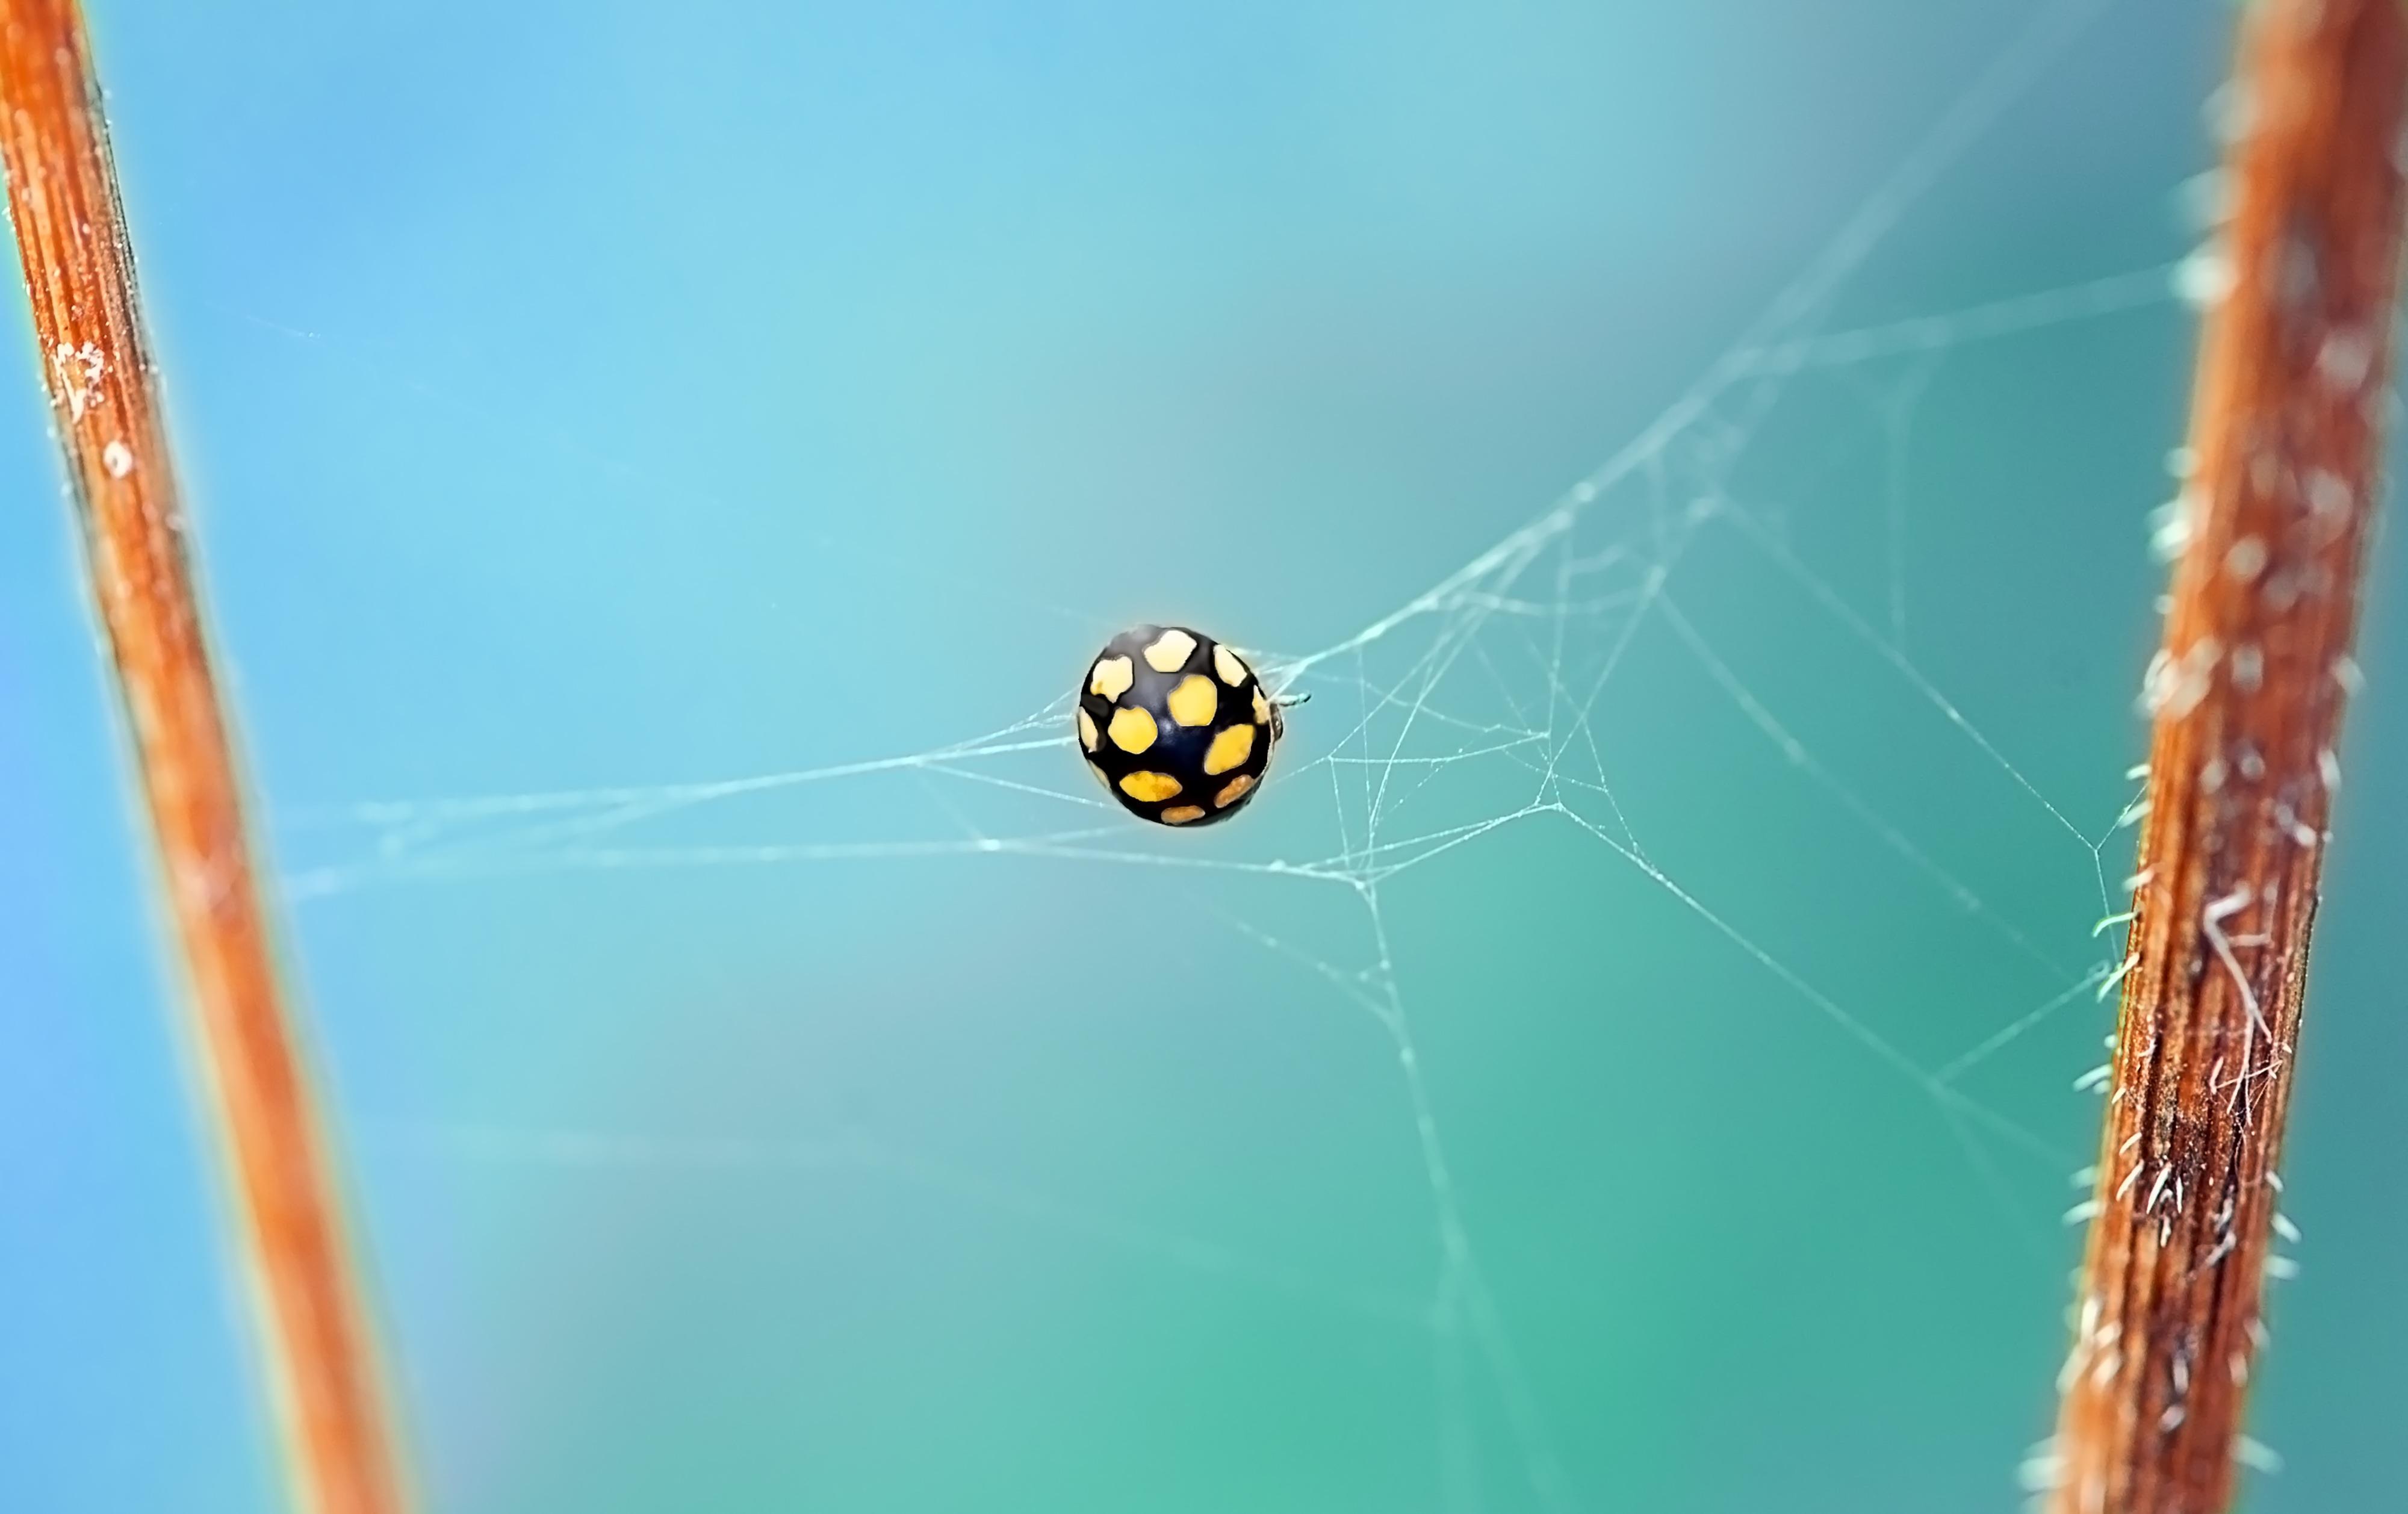 149899 Hintergrundbild herunterladen Web, Marienkäfer, Käfer, Makro, Insekt, Ladybird, Fehler - Bildschirmschoner und Bilder kostenlos